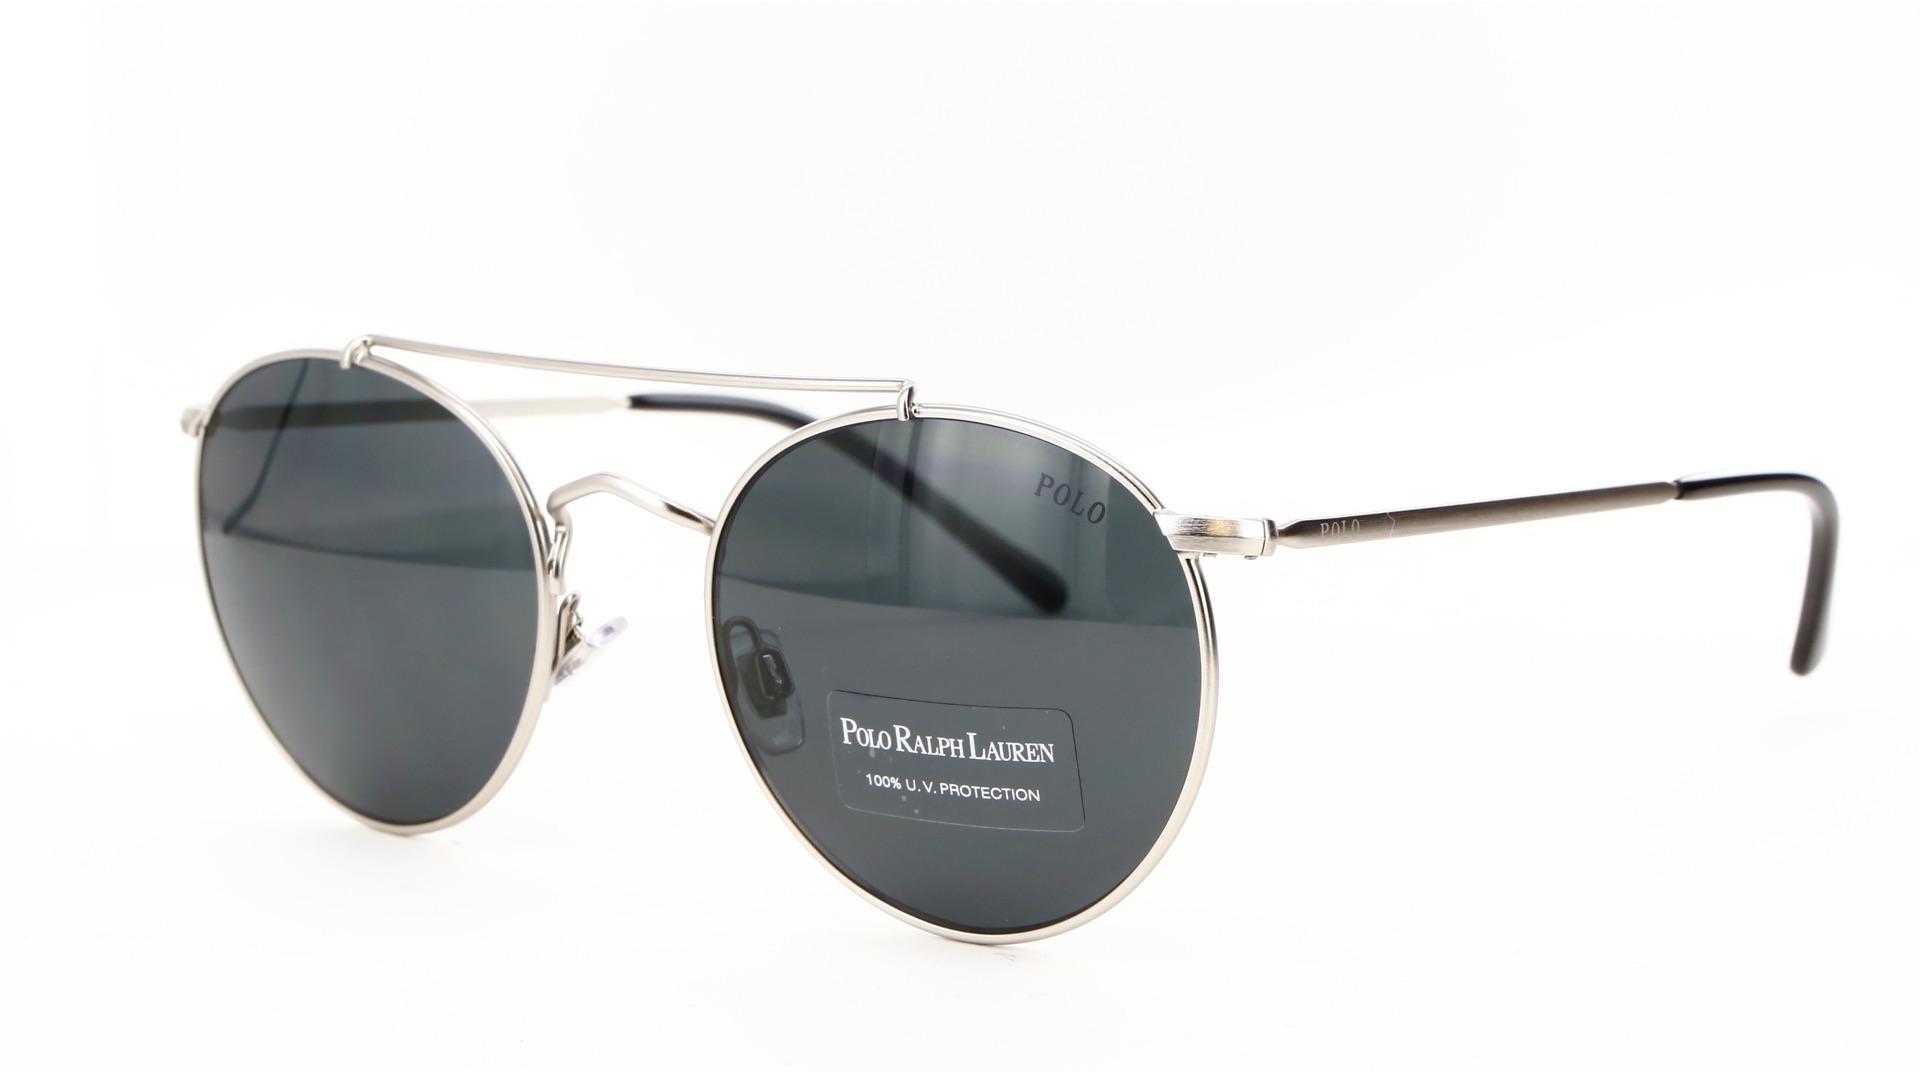 Polo Ralph Lauren - ref: 79601